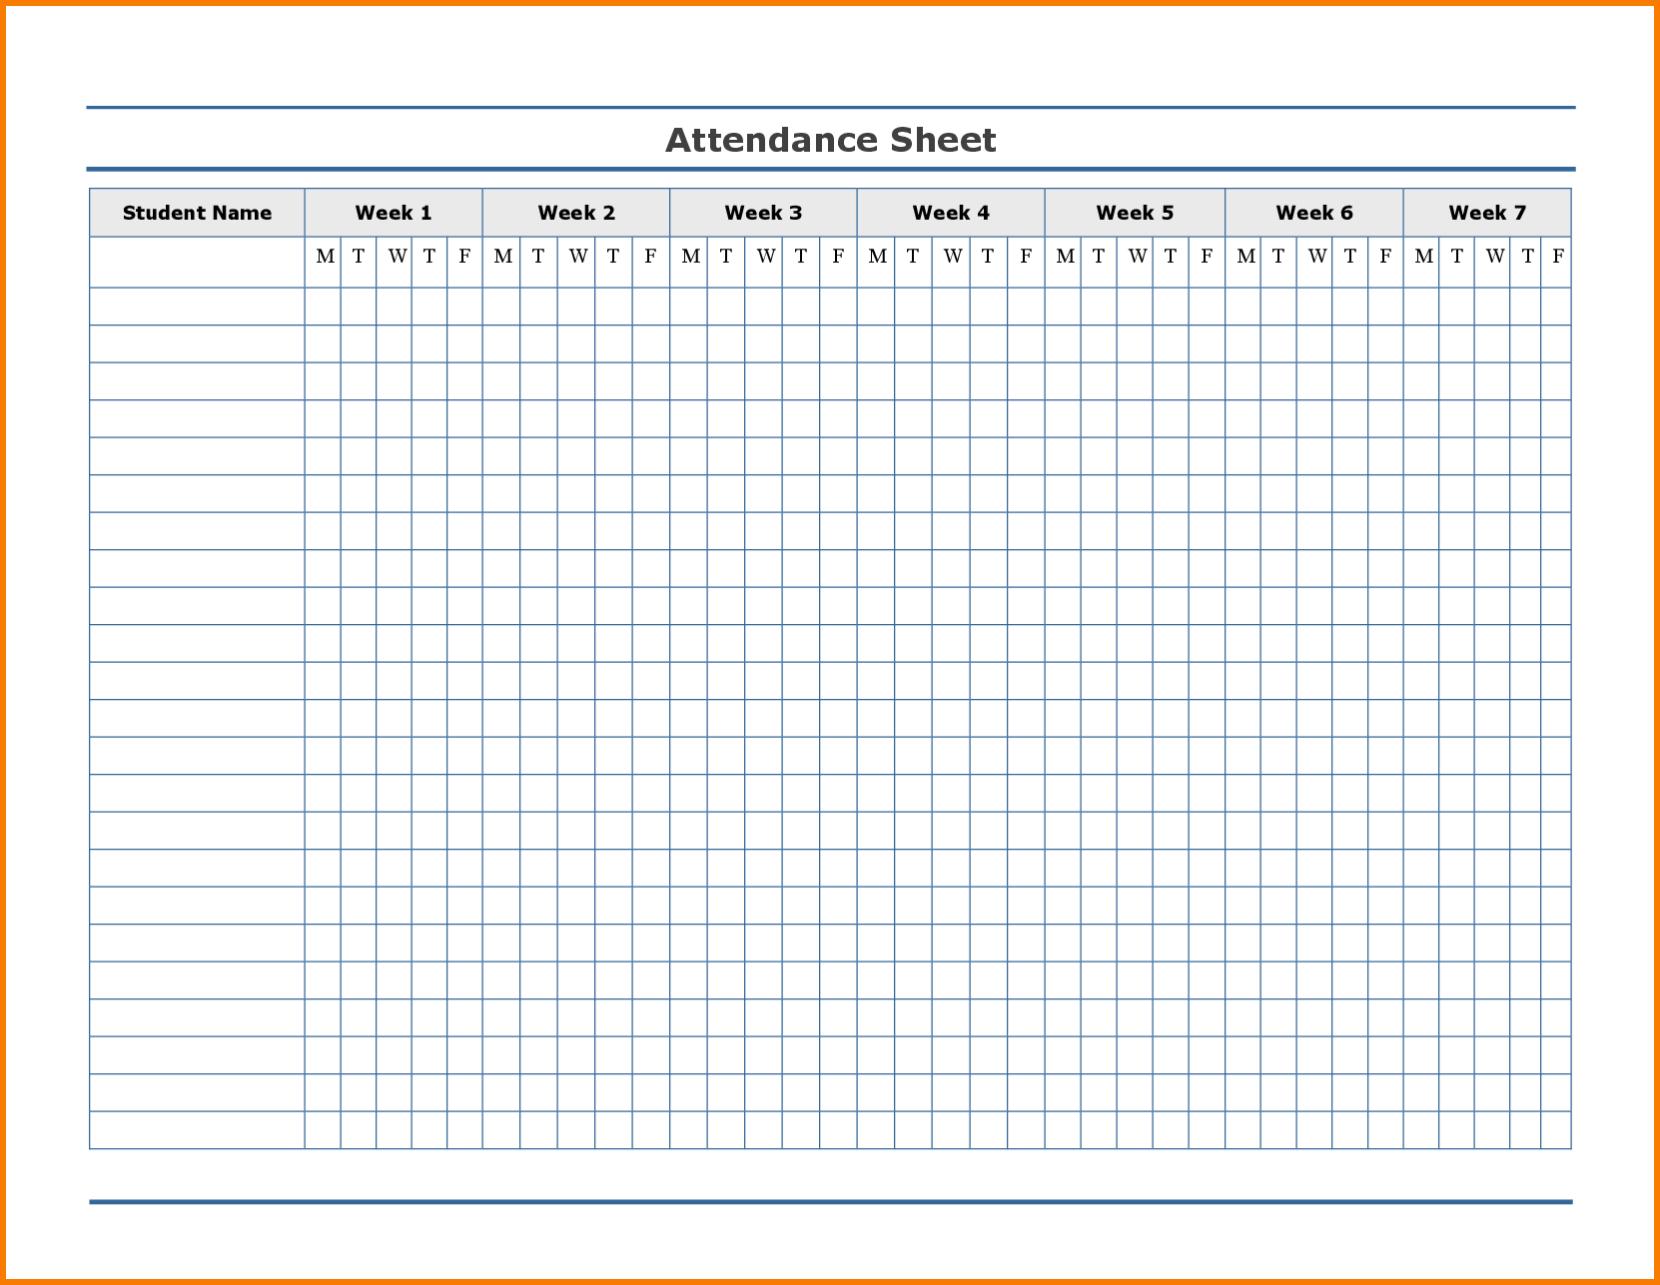 Employee Attendance Excel Sheet | Employee Attendance Sheet in Free Printable Employee Attendance Calendar Template